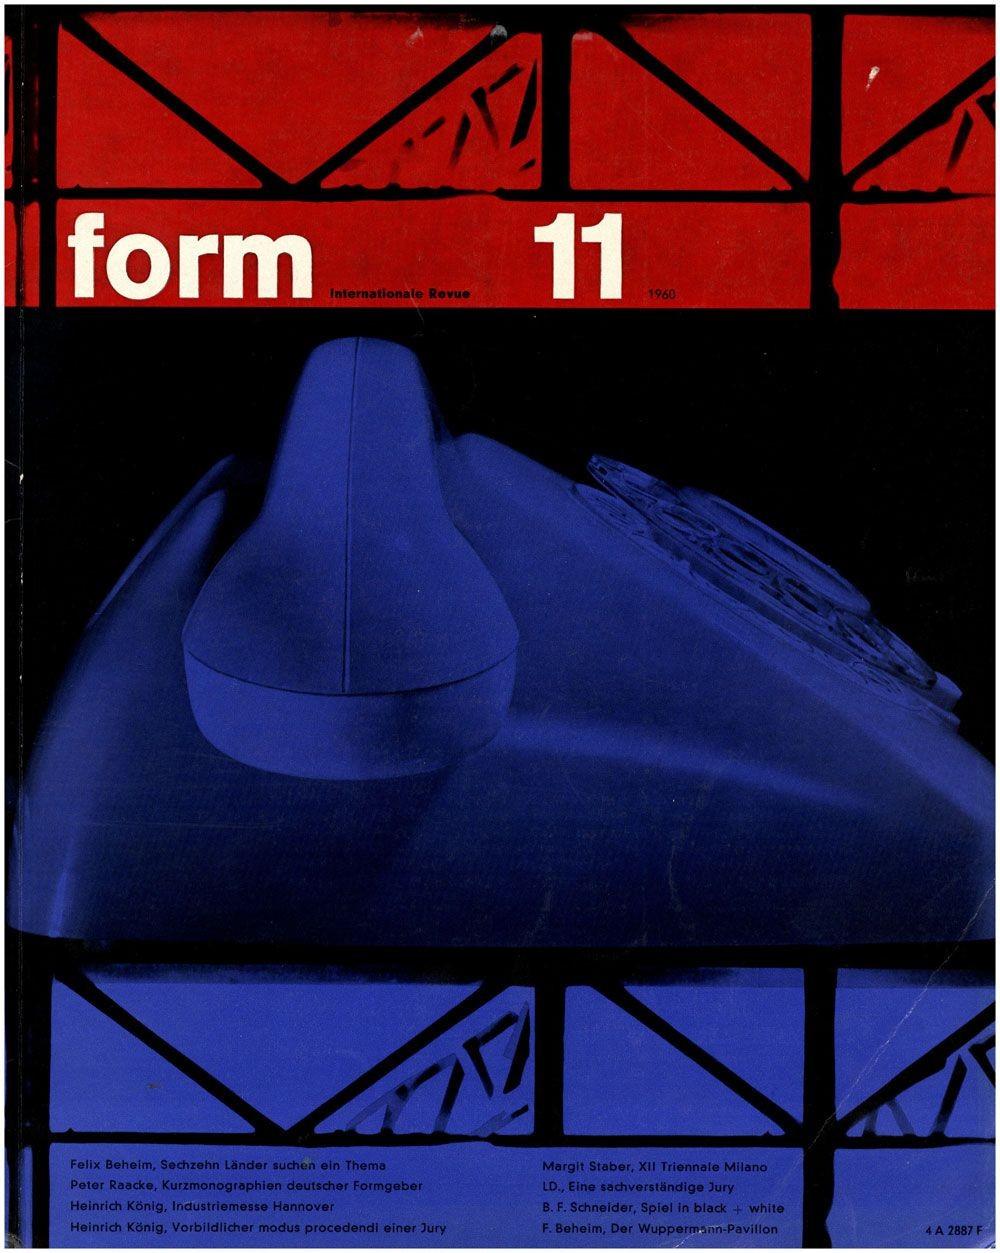 form.de-formde484d1527717cc49139d27901deb2347e.jpg